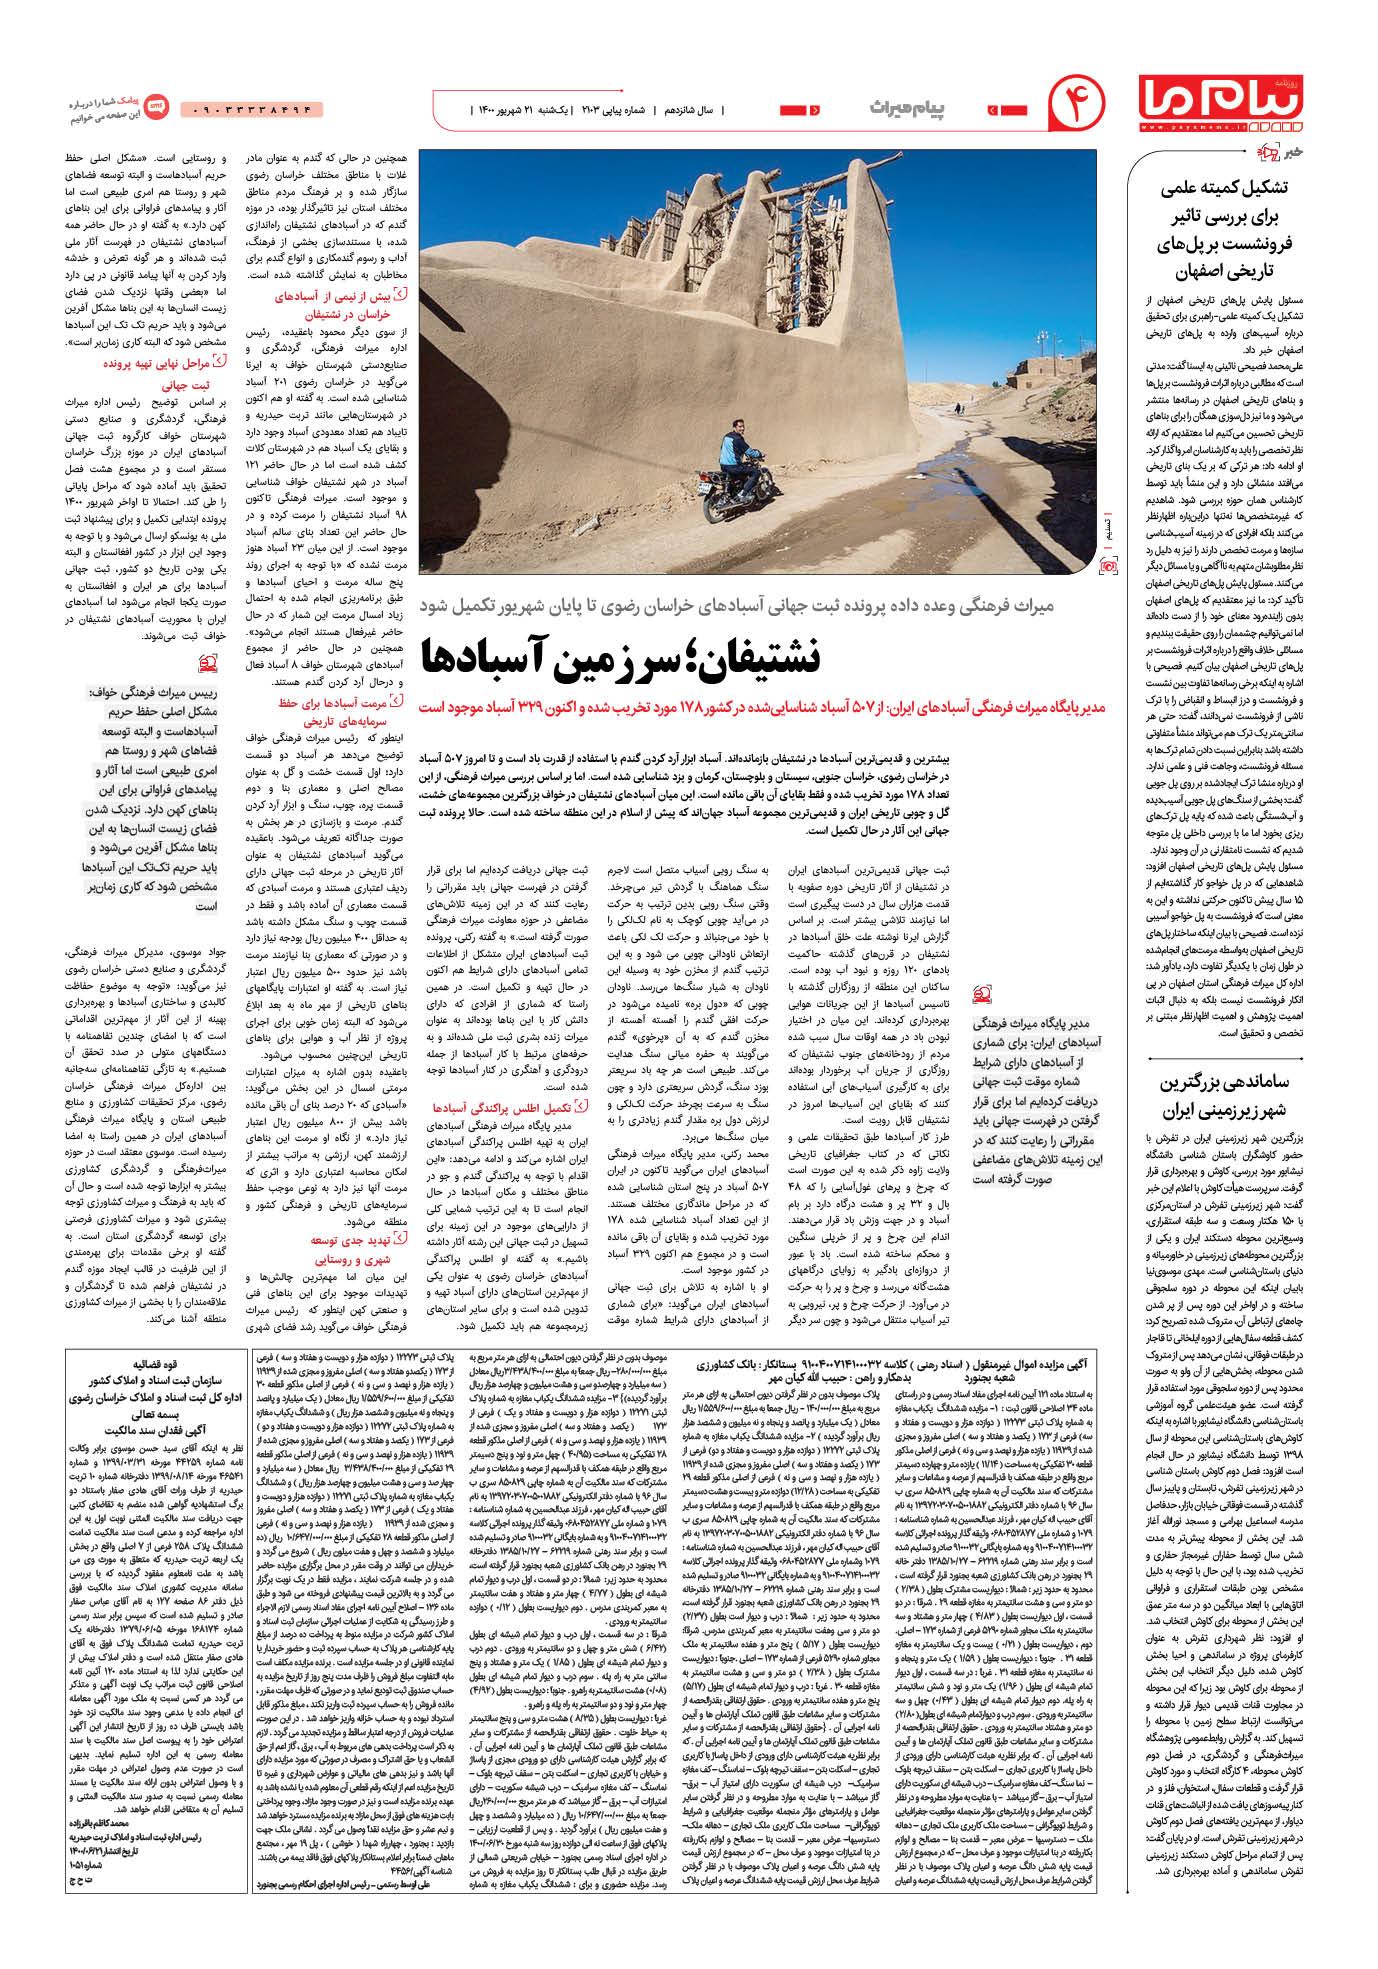 صفحه پیام میراث شماره 2103 روزنامه پیام ما